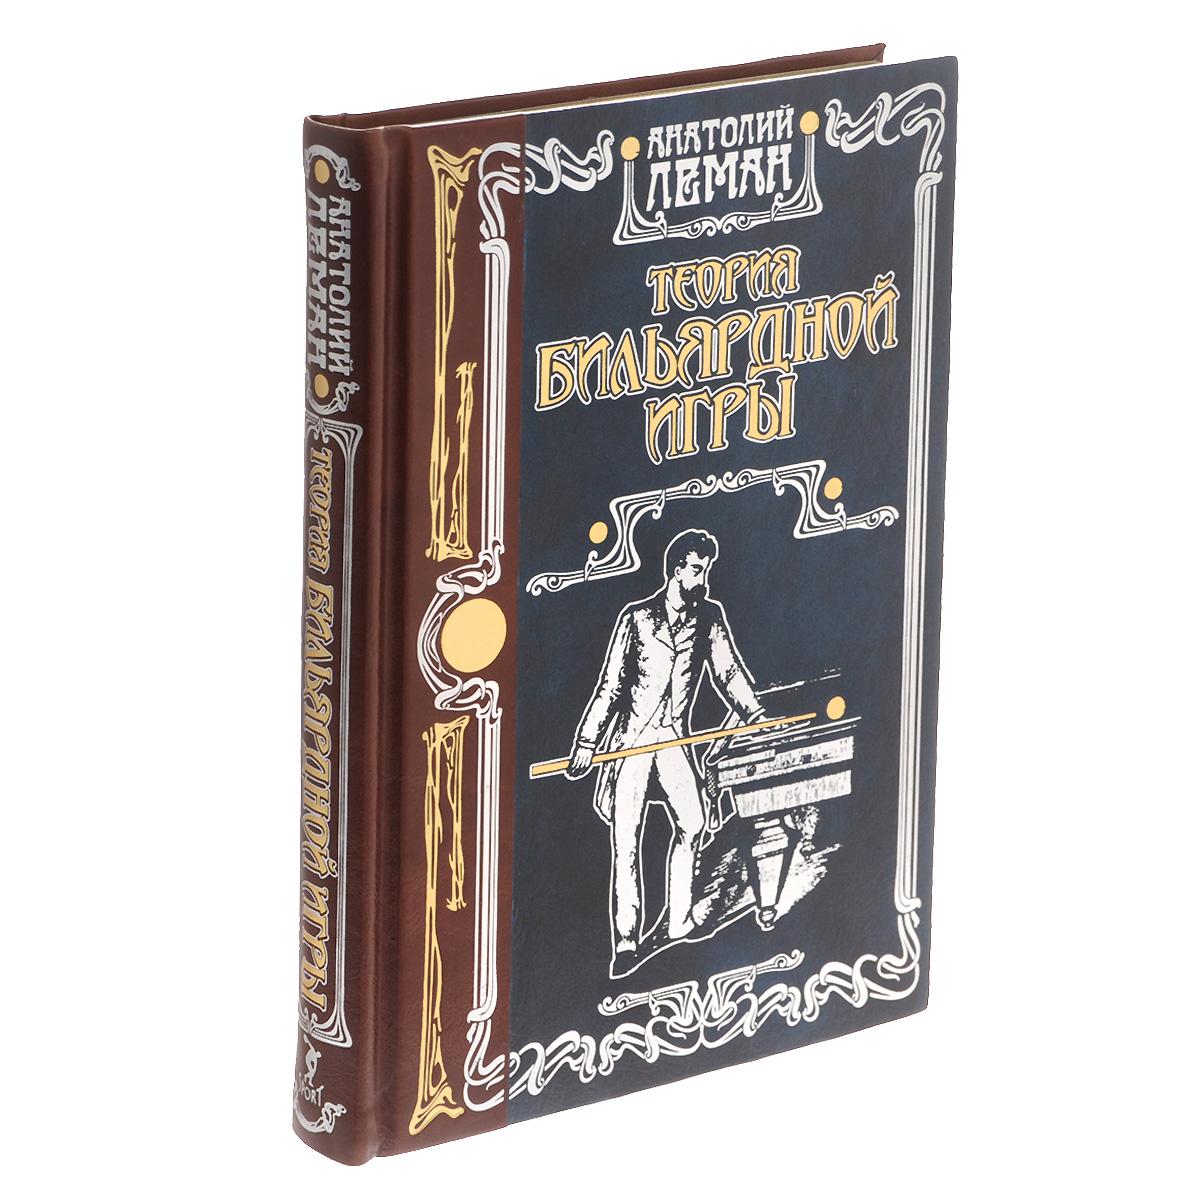 Теория бильярдной игры (подарочное издание) ( 978-5-9906578-8-5 )